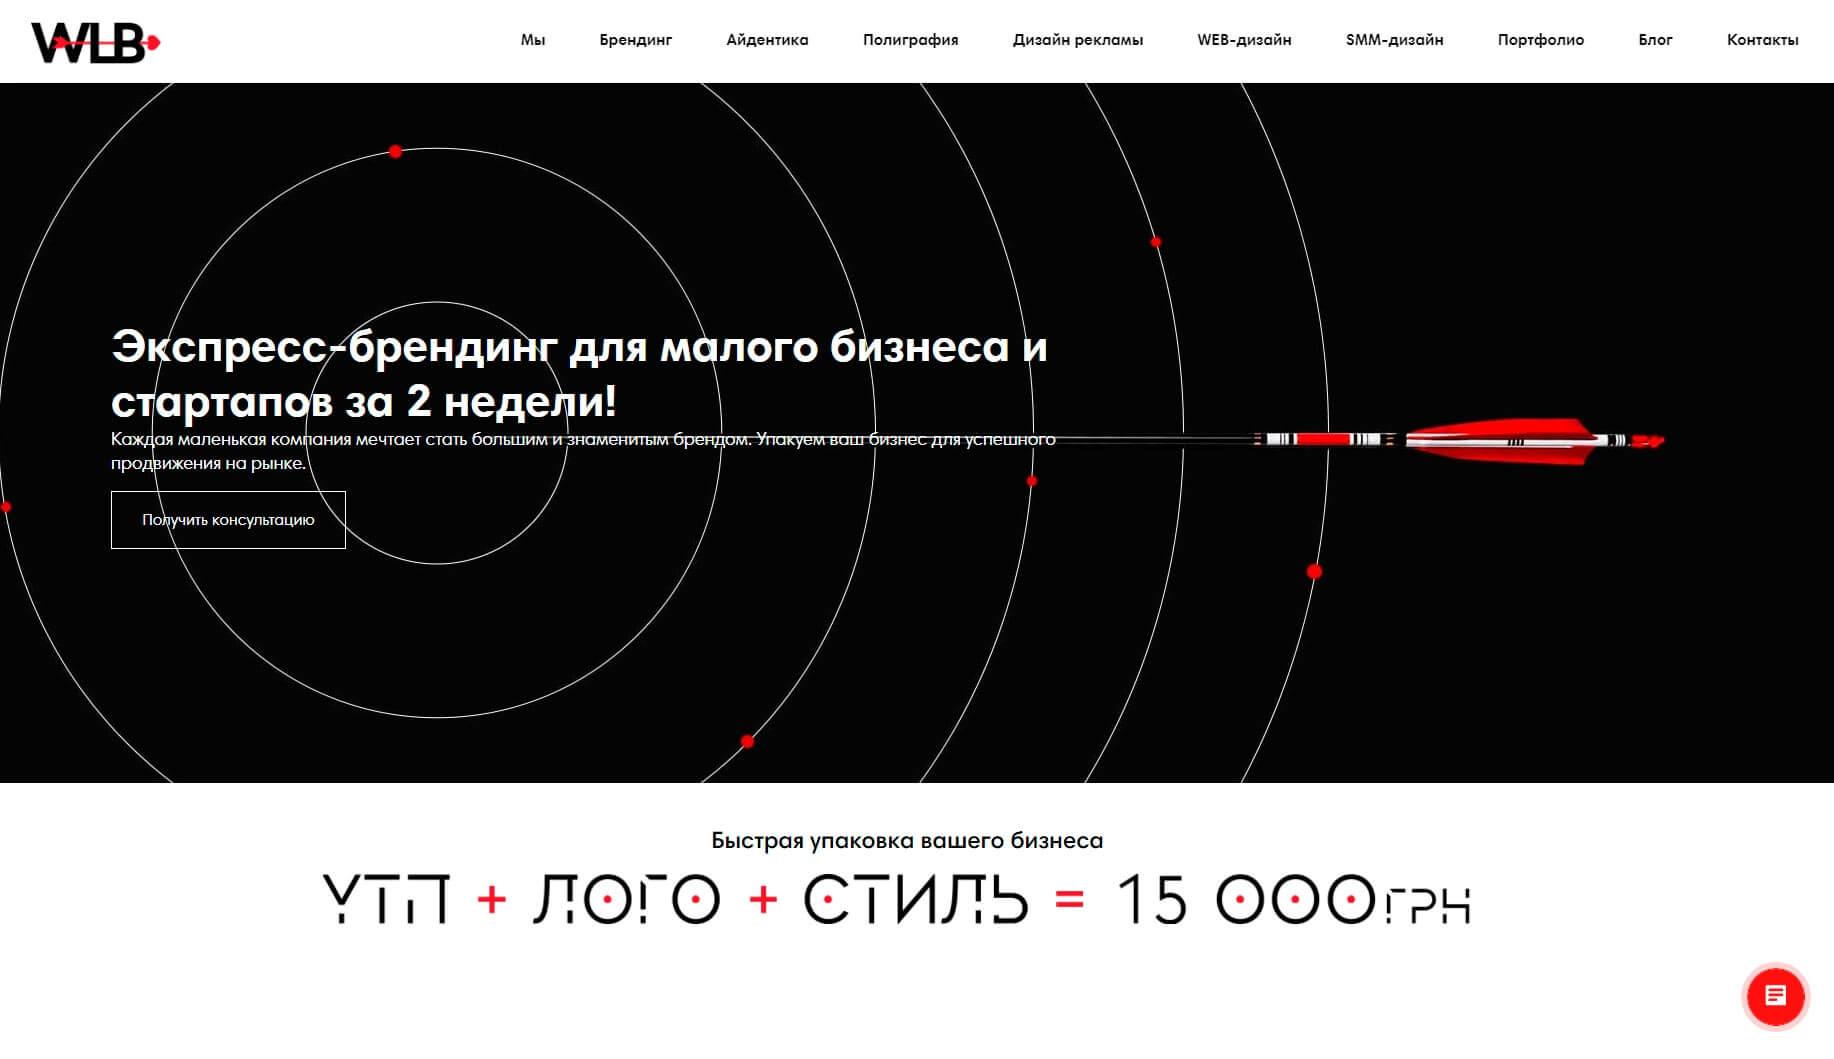 WeLoveBrands - обзор компании, услуги, отзывы, клиенты, Фото № 2 - google-seo.pro